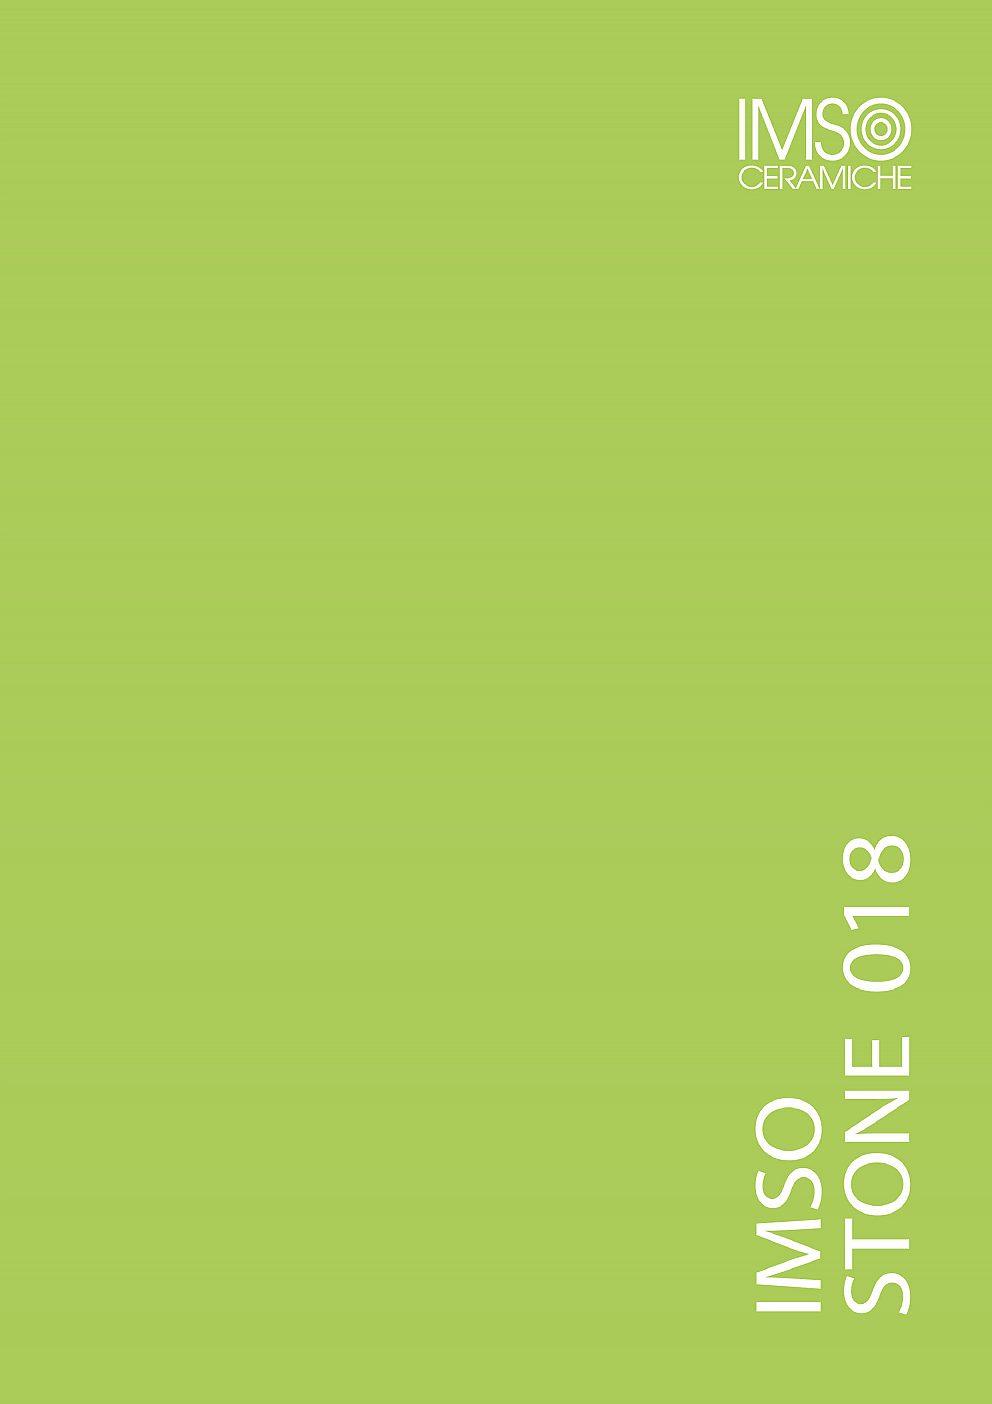 Imso - genarálny katalóg umývadlá 2018